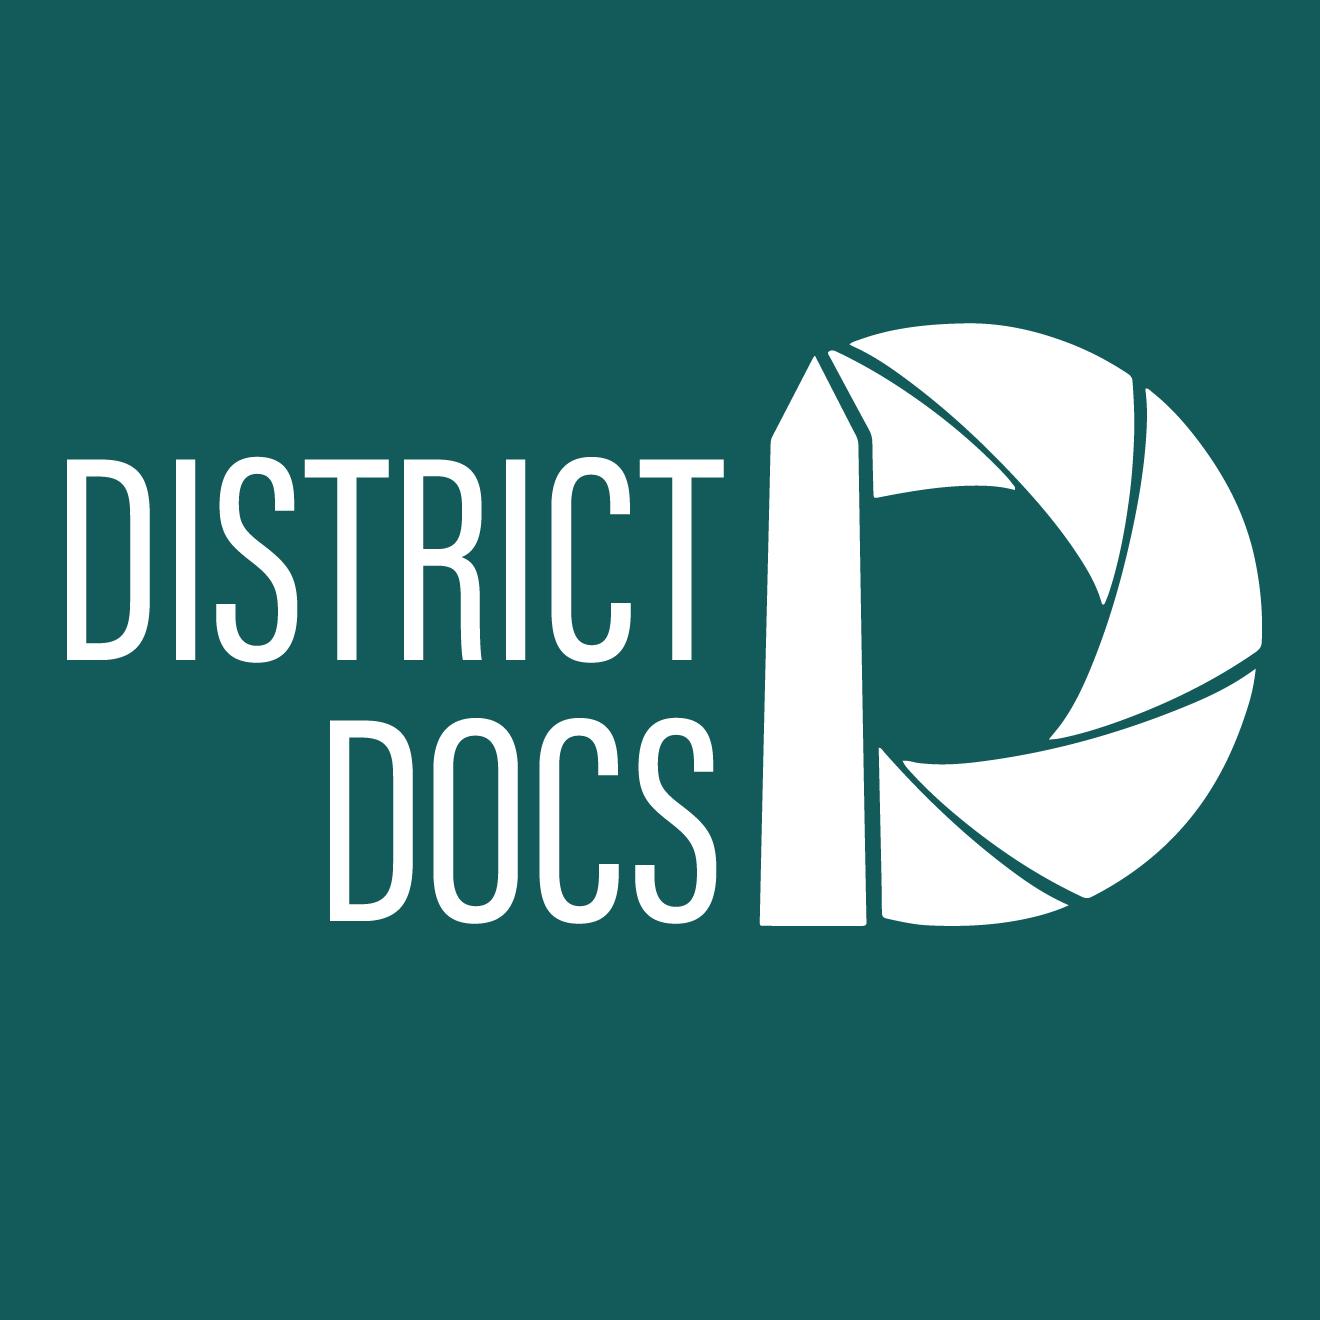 DistrictDocs